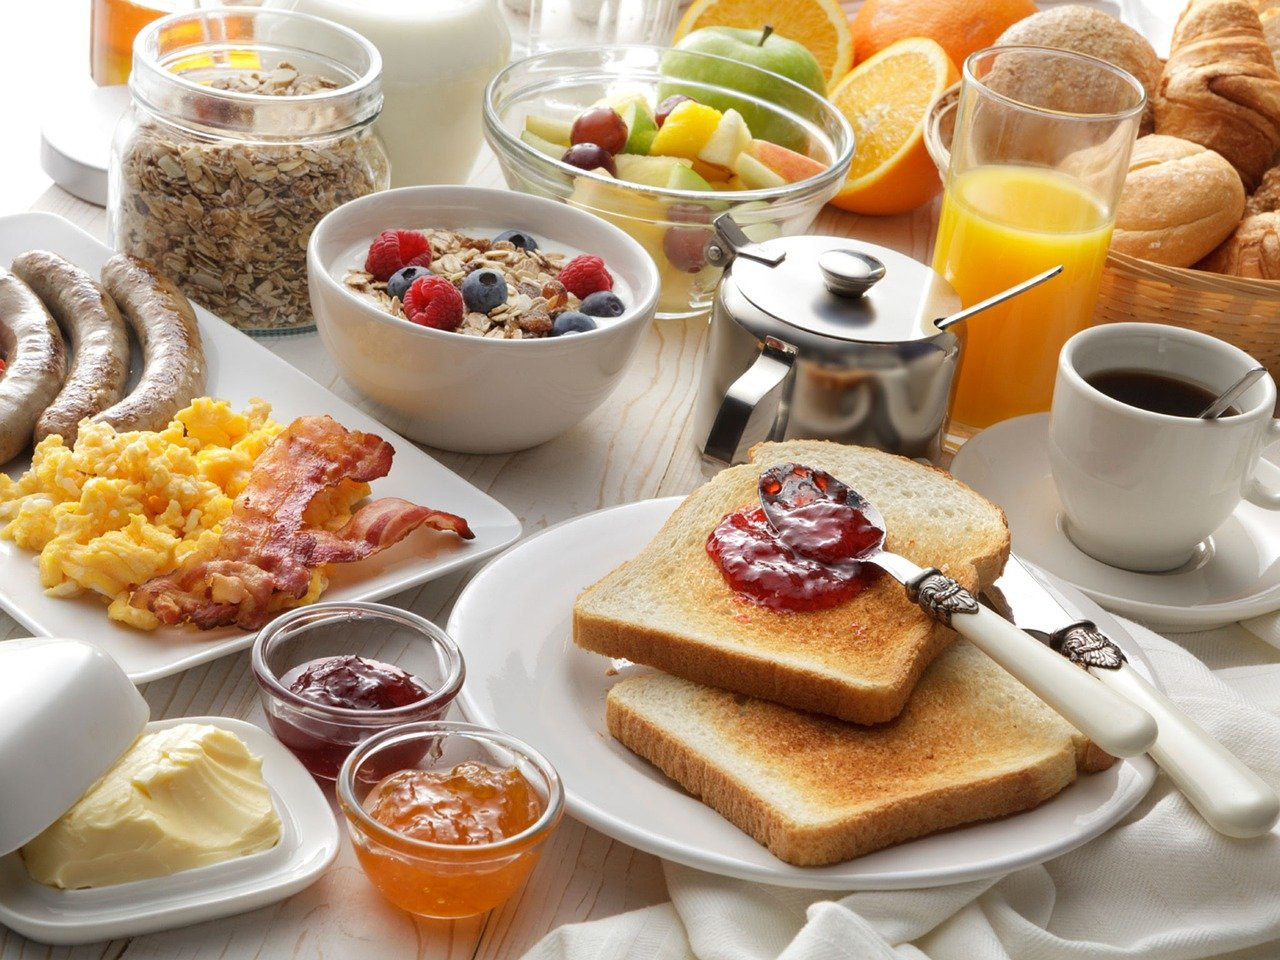 Ein leckeres Frühstück am Morgen - vertreibt Kummer und Sorgen!